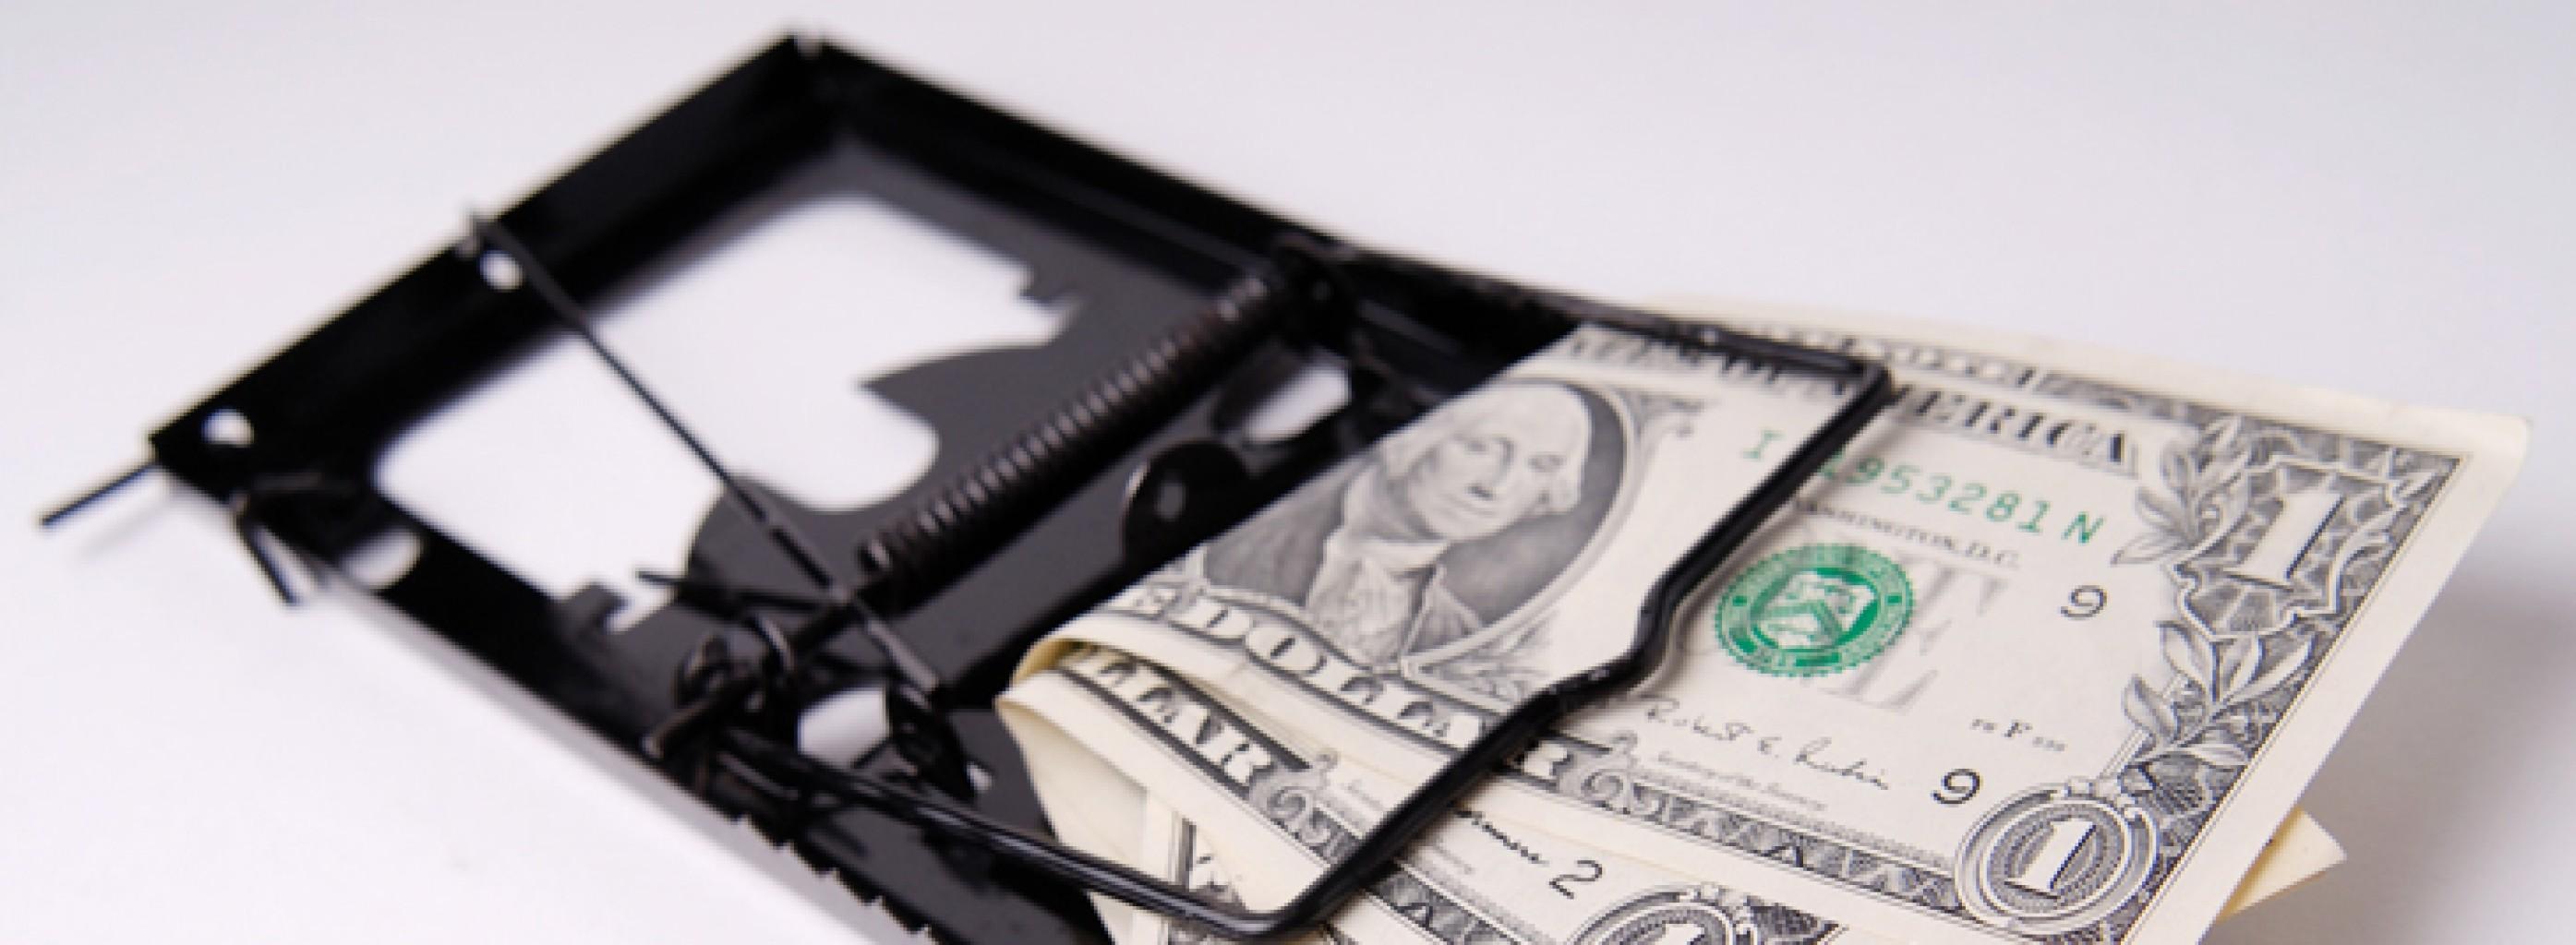 5 Trampas financieras y cómo evitarlas